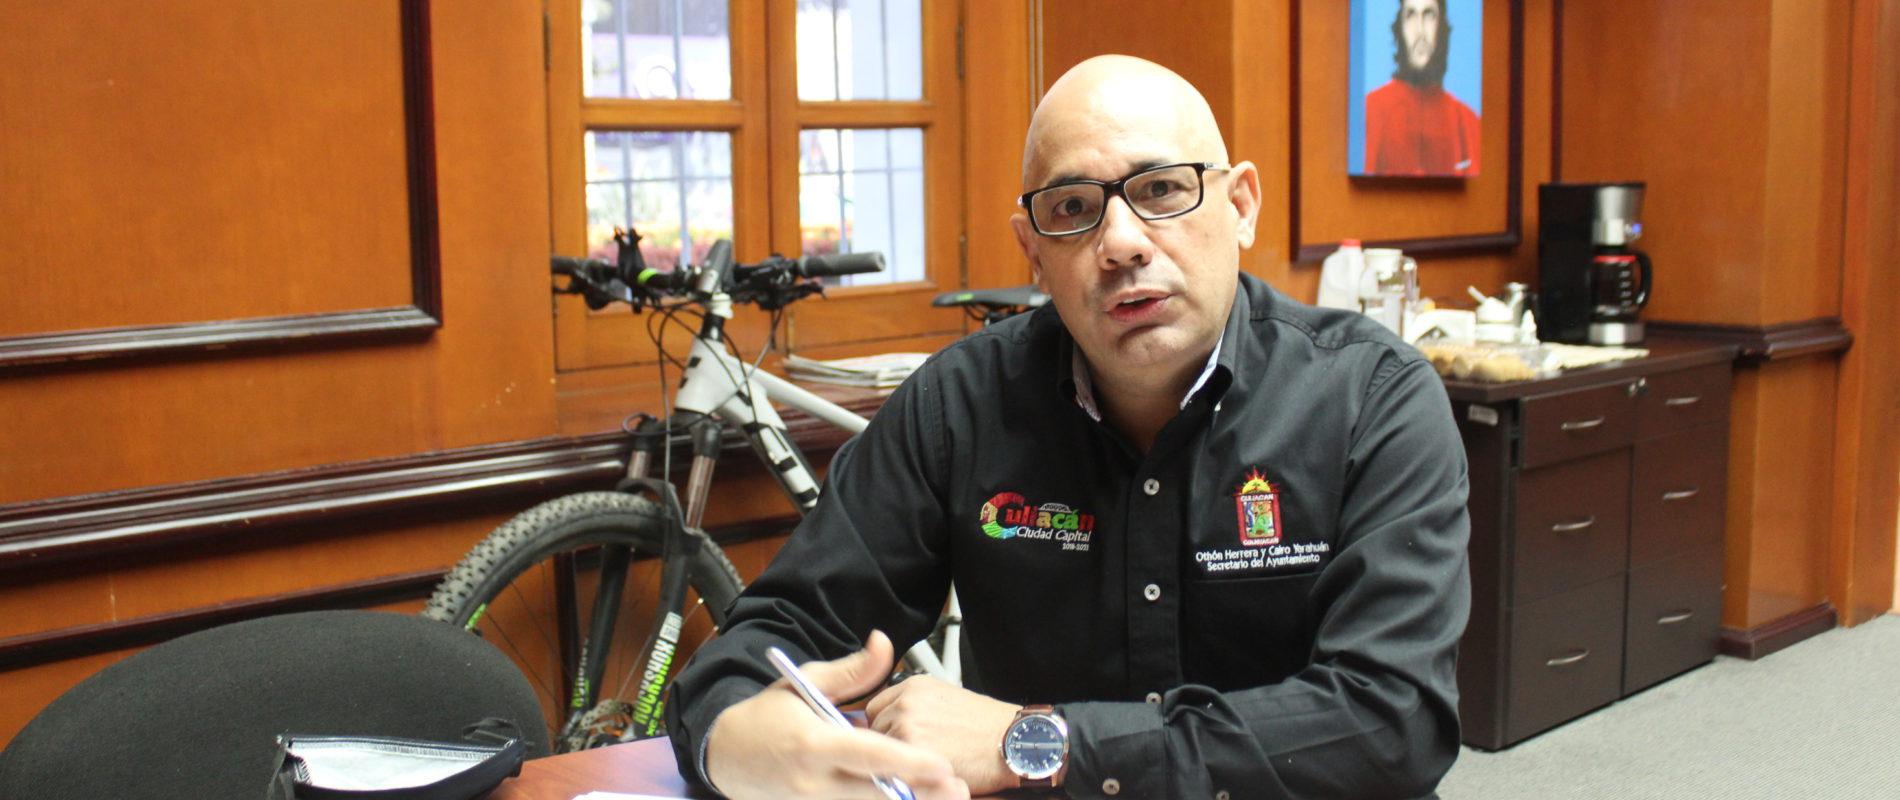 FOTO: César Hernández/ESPEJO.